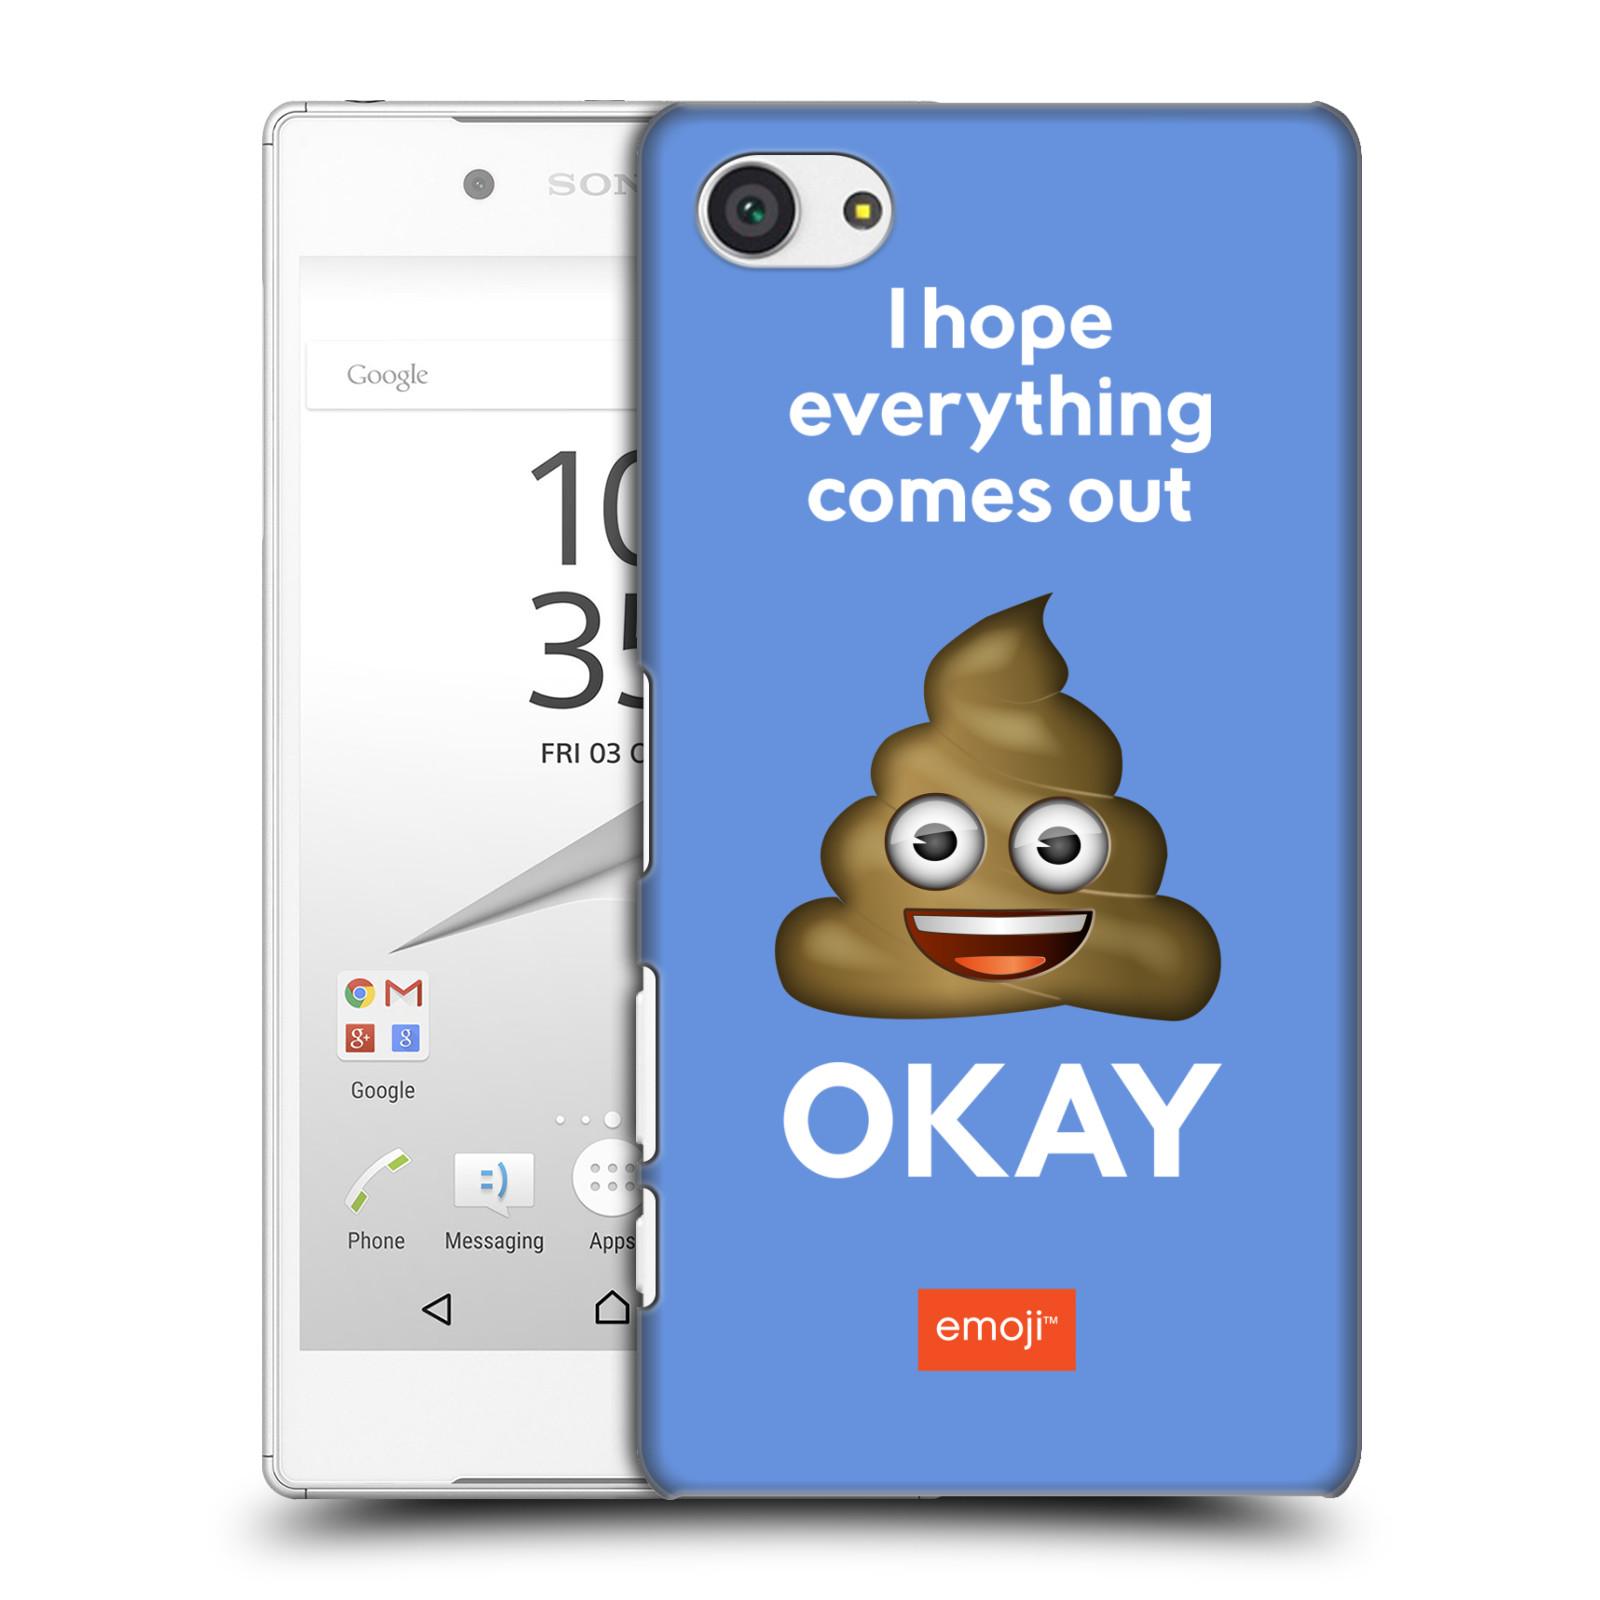 Plastové pouzdro na mobil Sony Xperia Z5 Compact HEAD CASE EMOJI - Hovínko OKAY